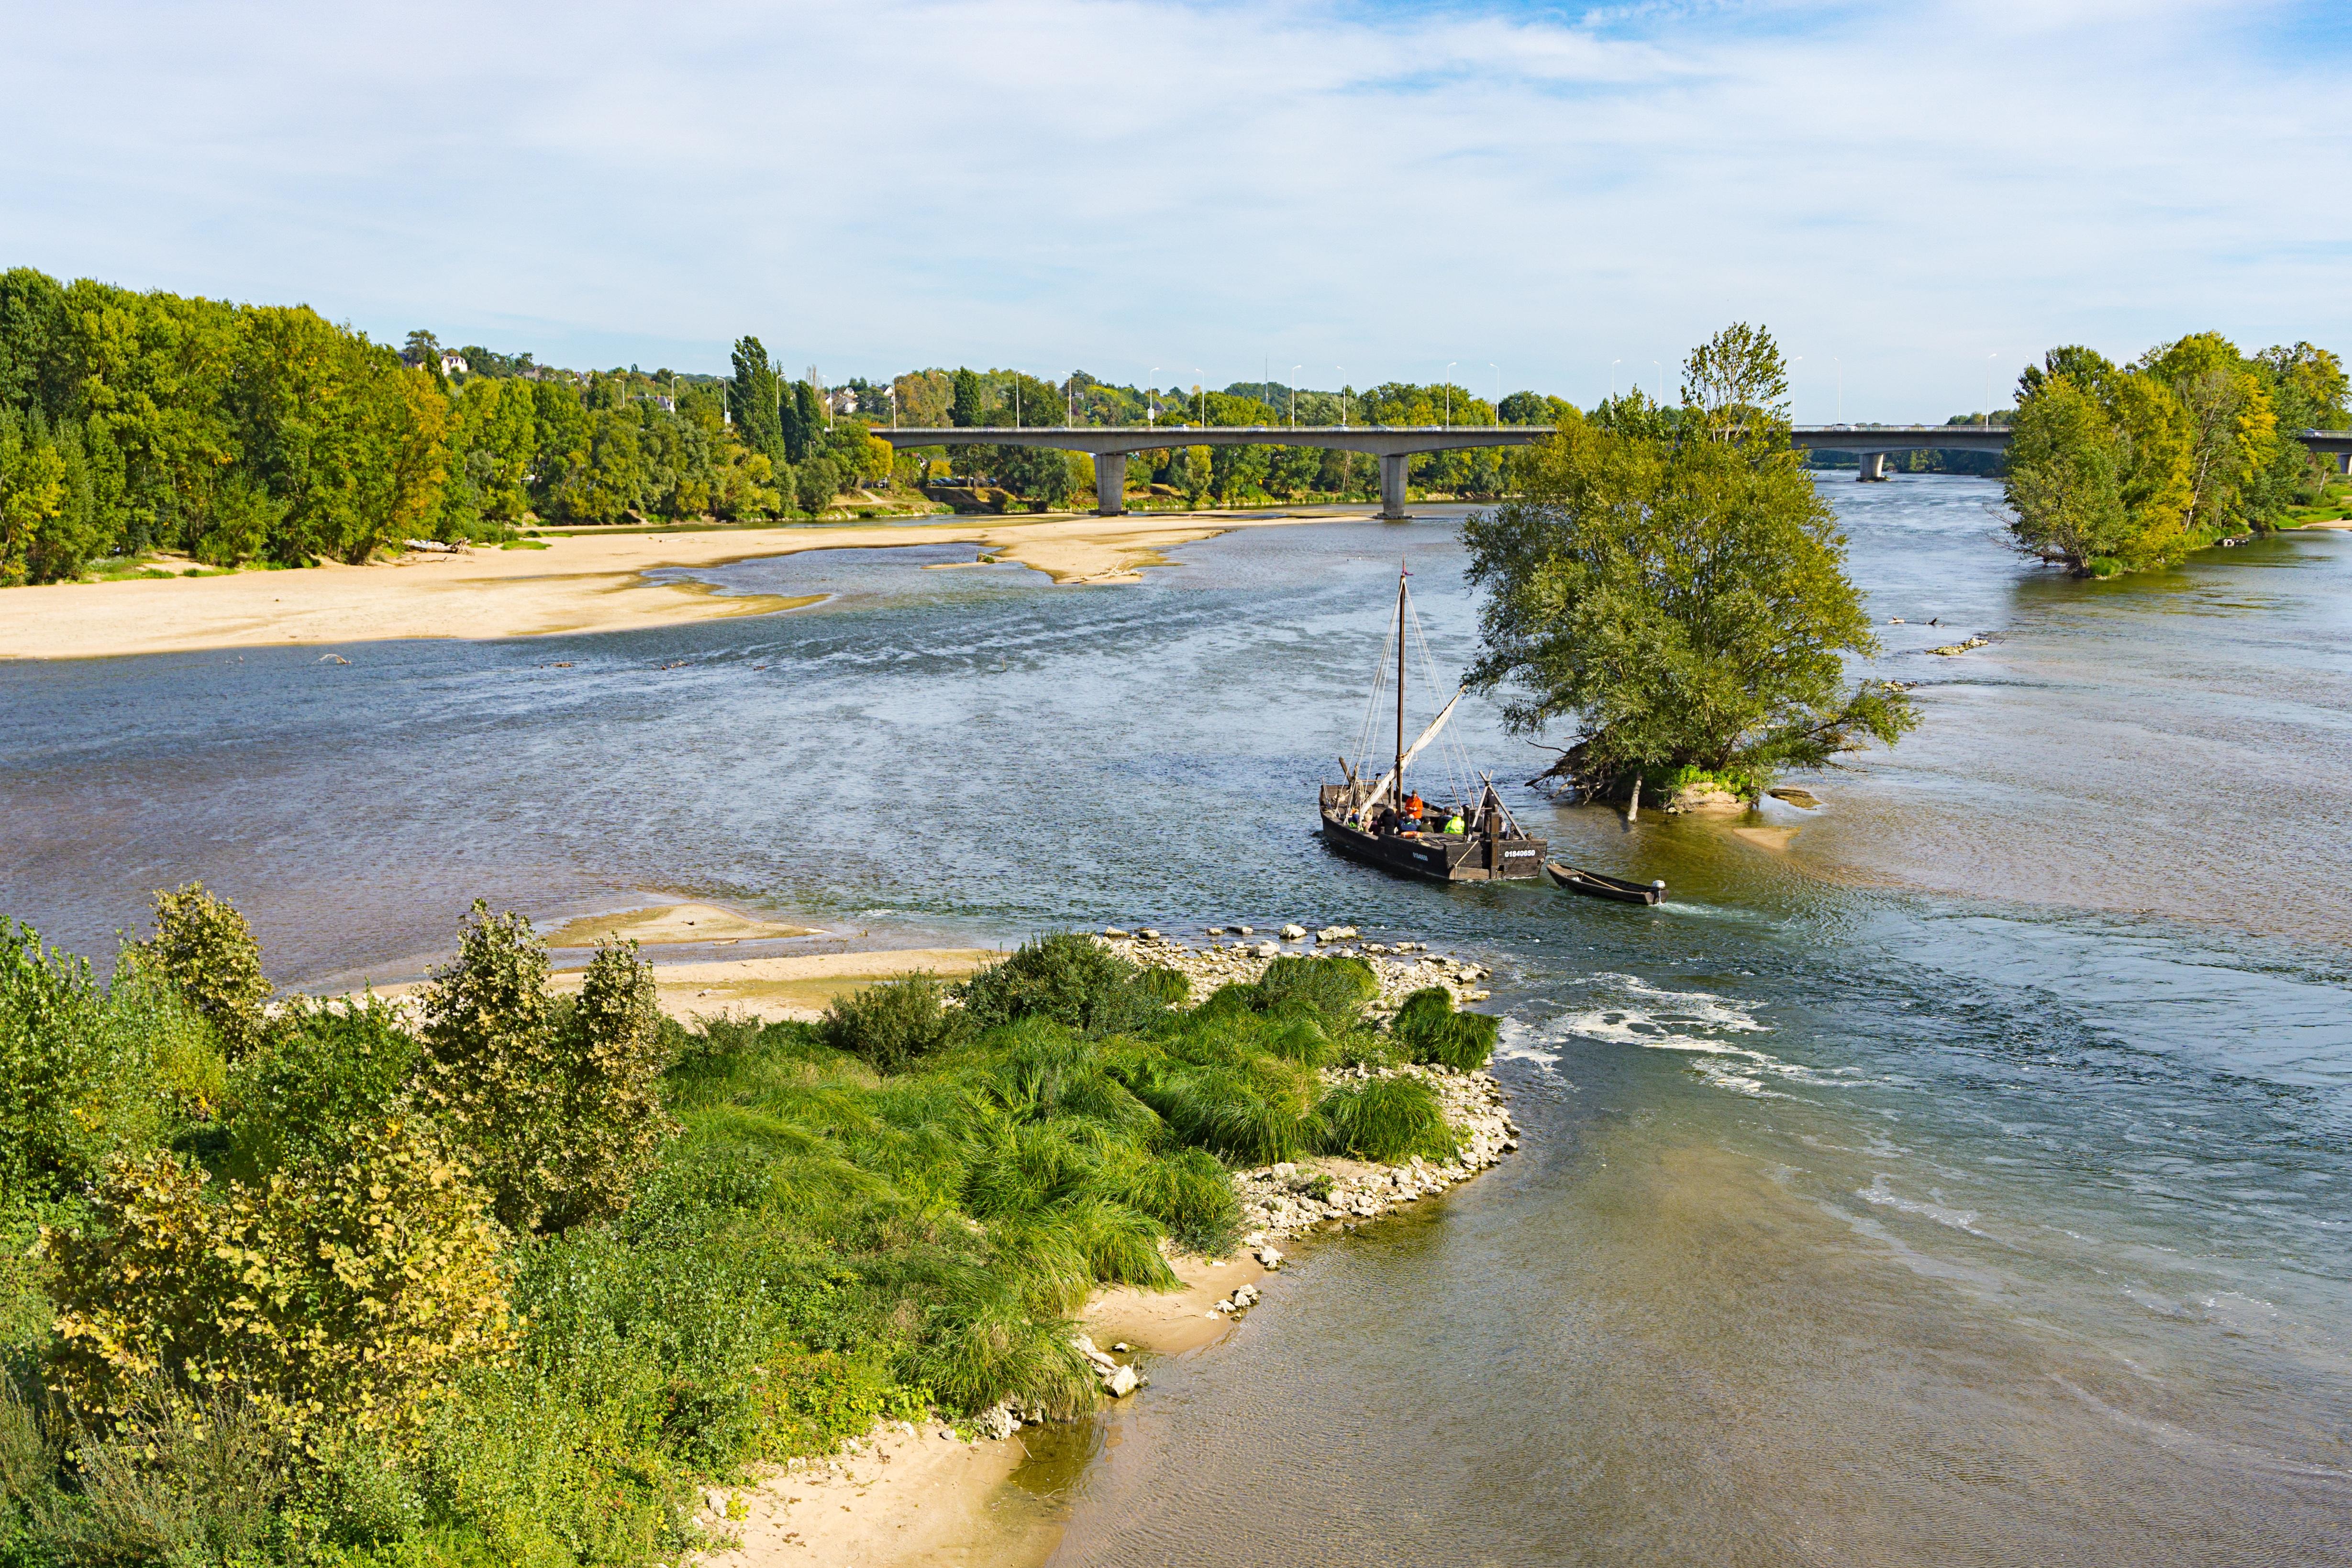 реки с песчаными берегами фото красивых рек всего